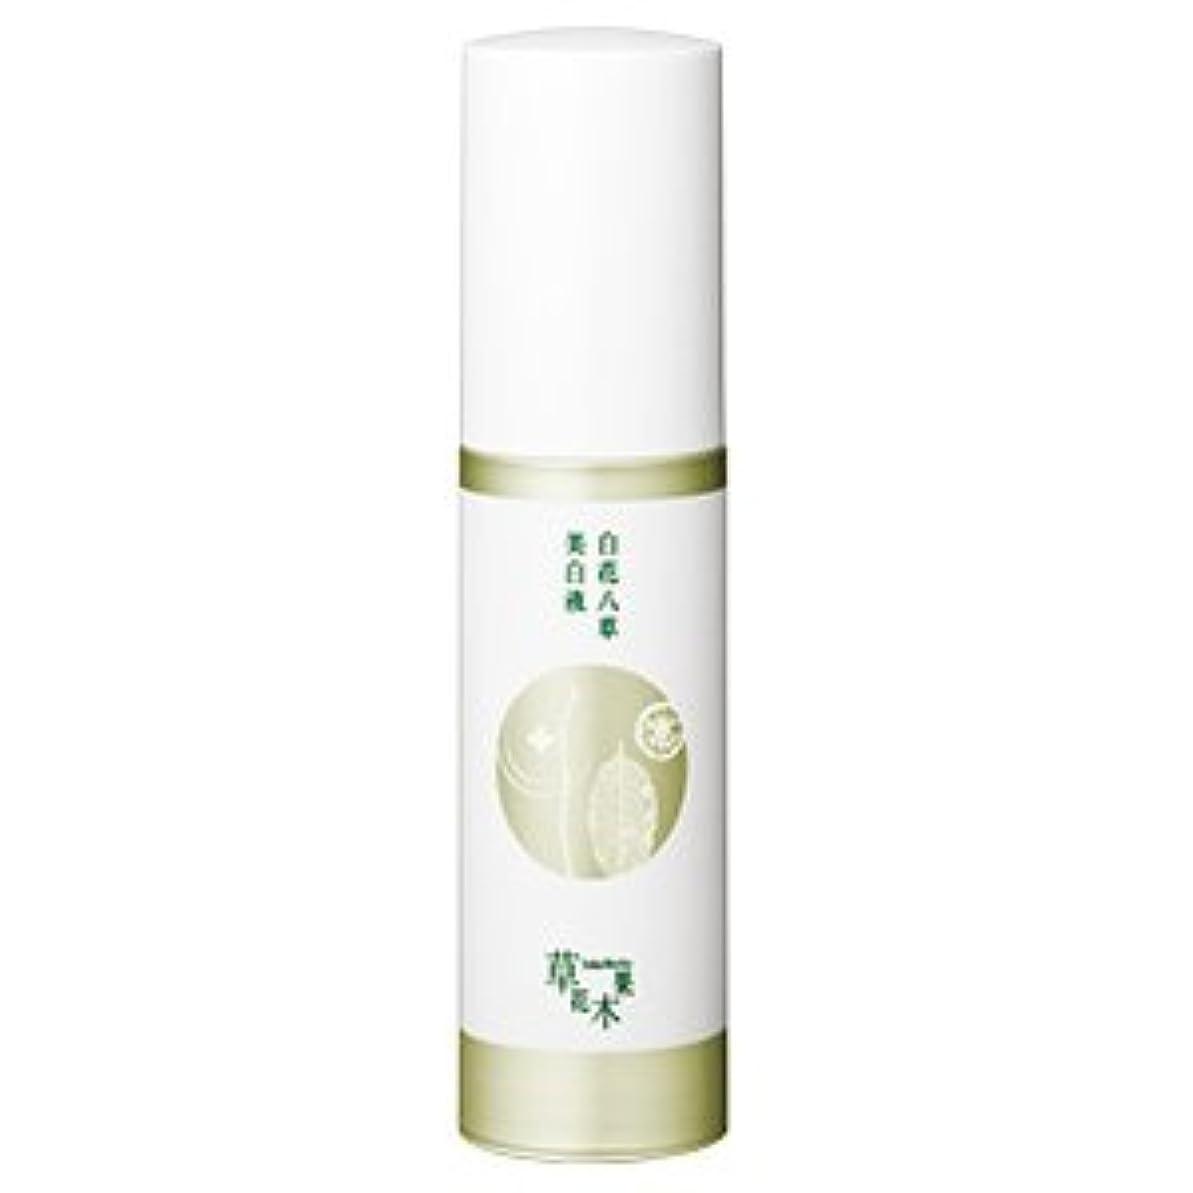 ブースト重量フラッシュのように素早く草花木果(そうかもっか) 白花八草美白液(医薬部外品) 30mL